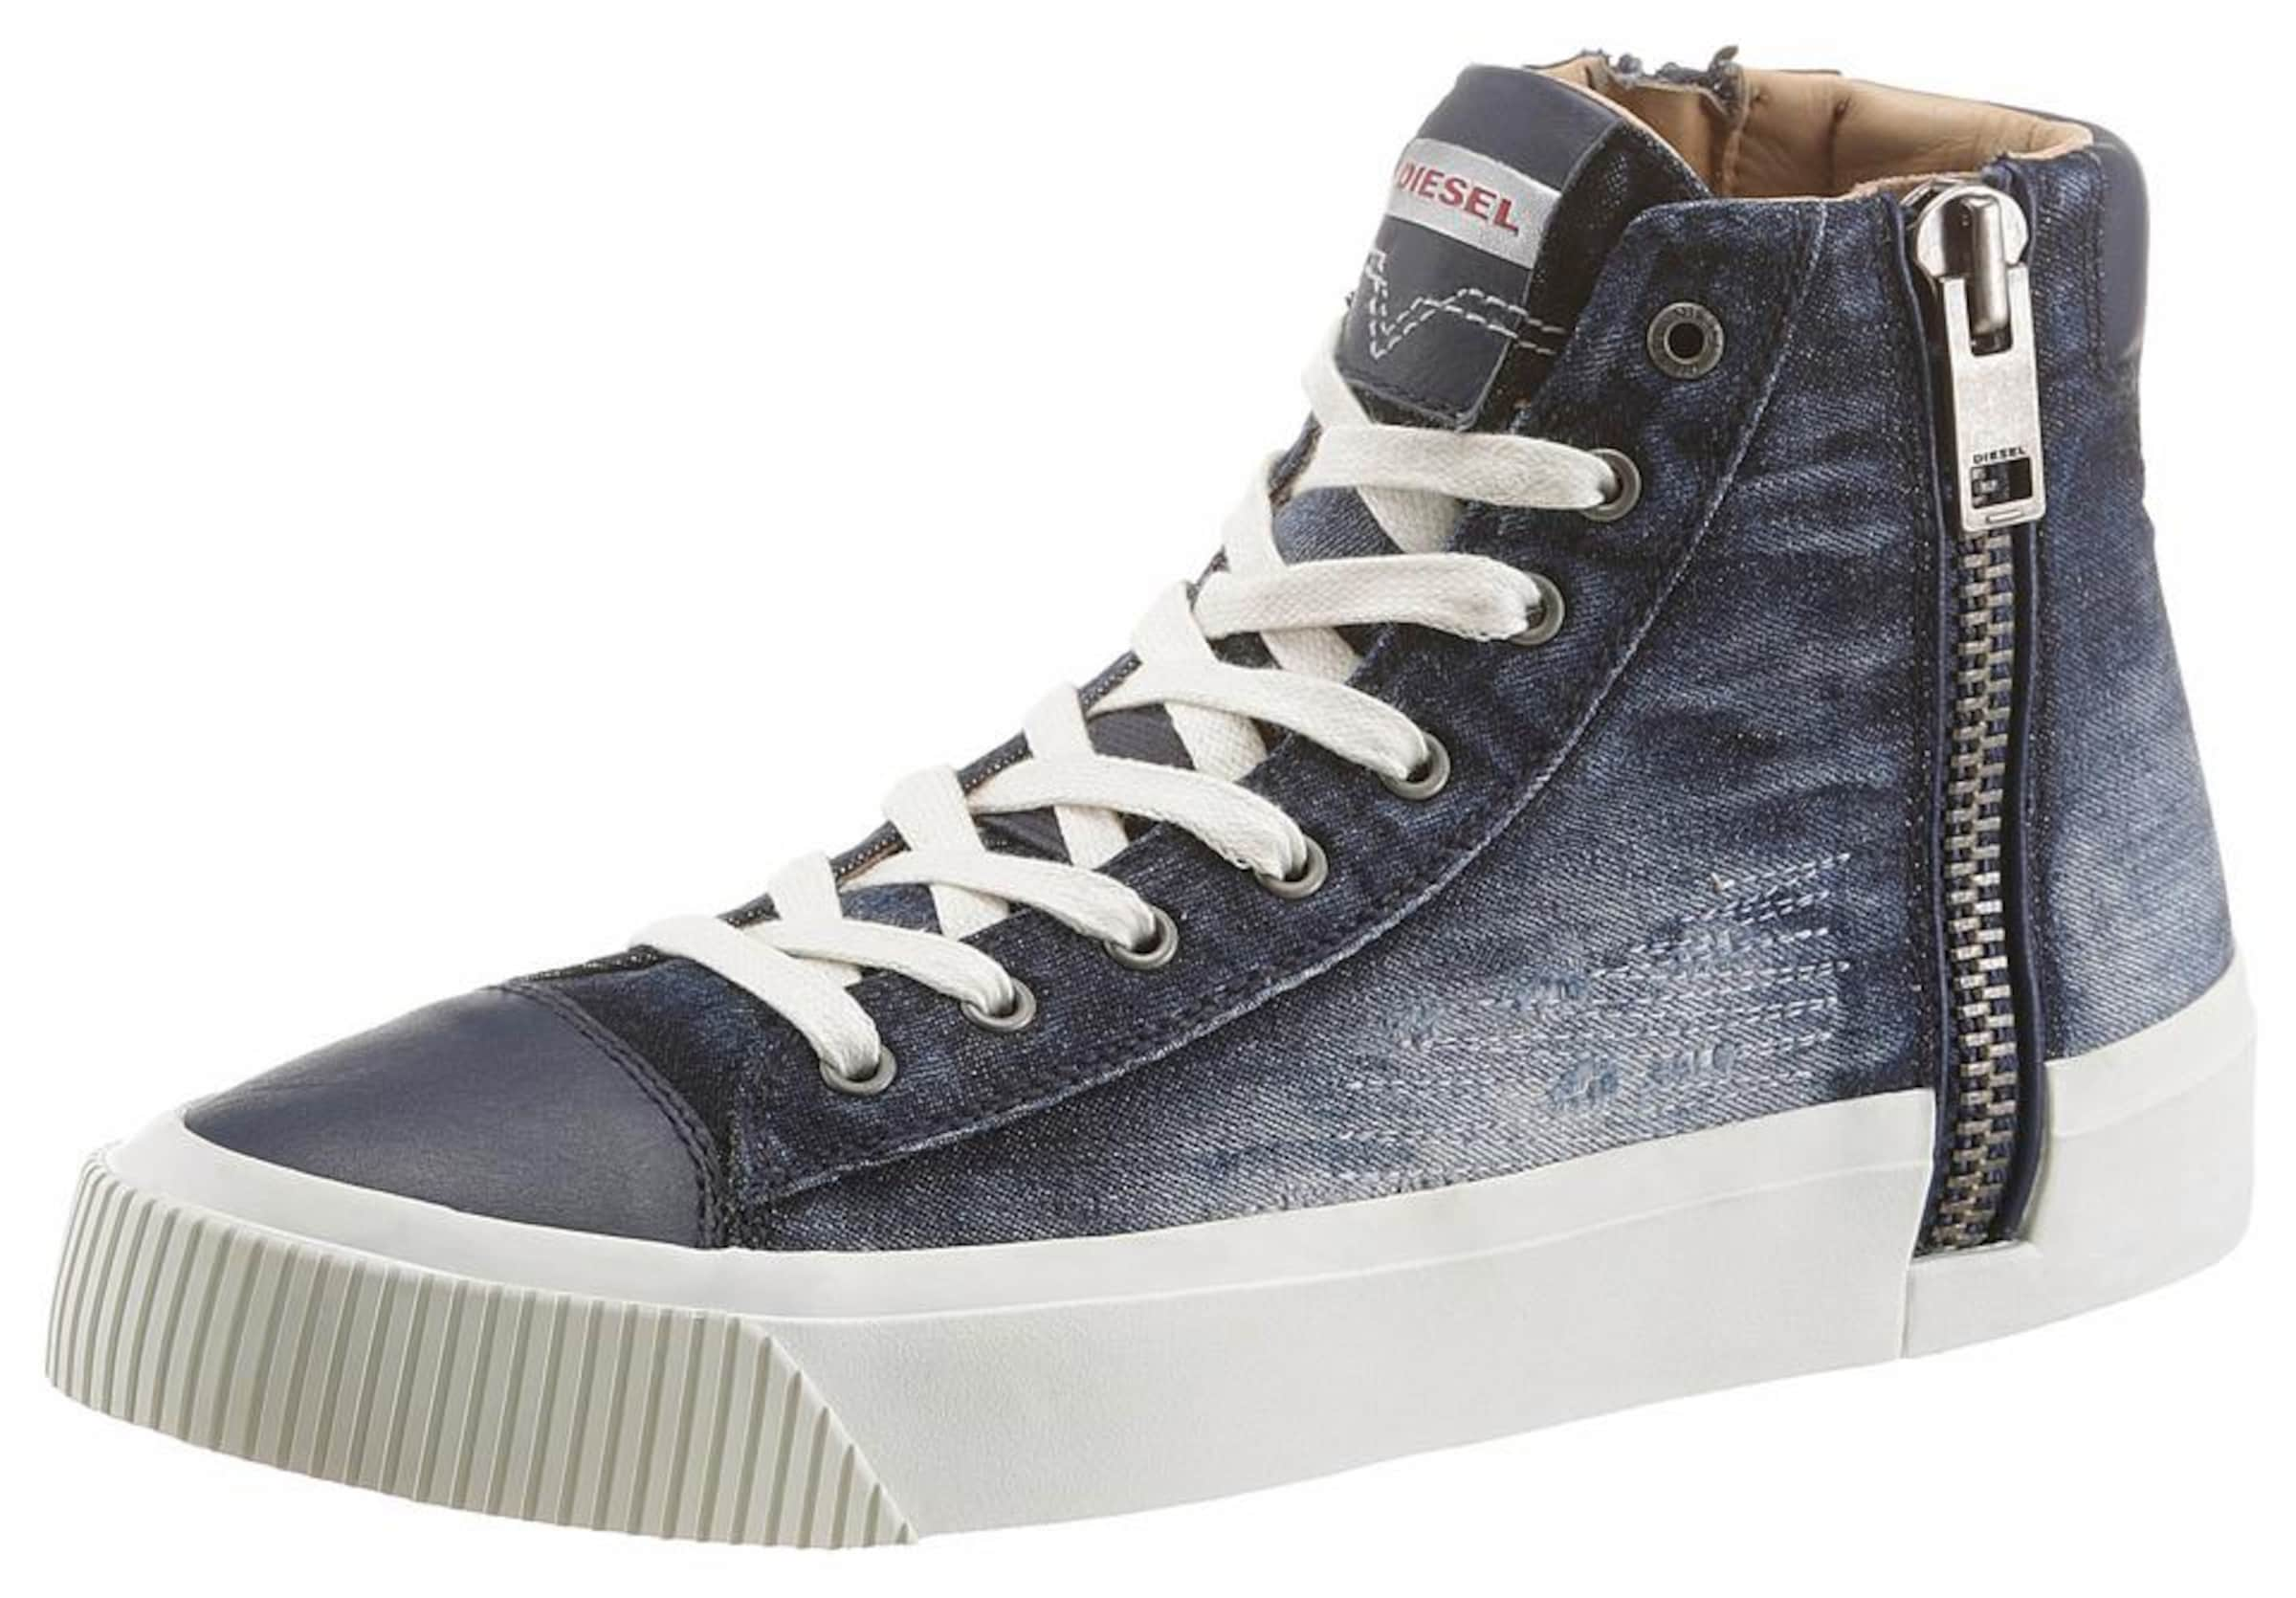 DIESEL Sneaker Günstige und langlebige Schuhe